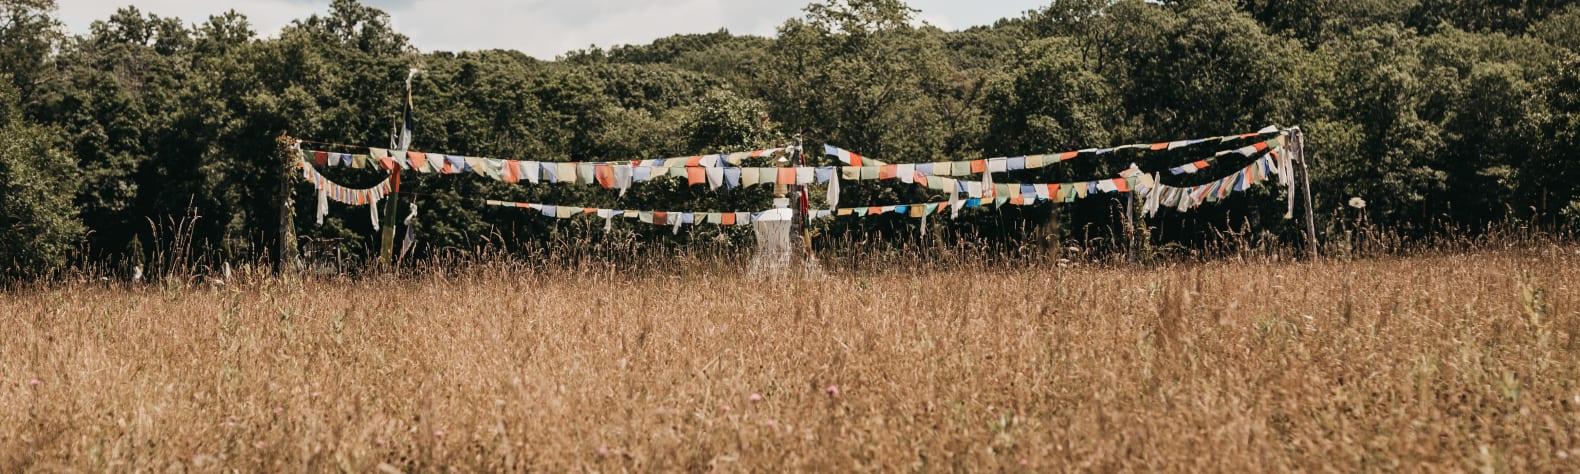 The Hay House Farm